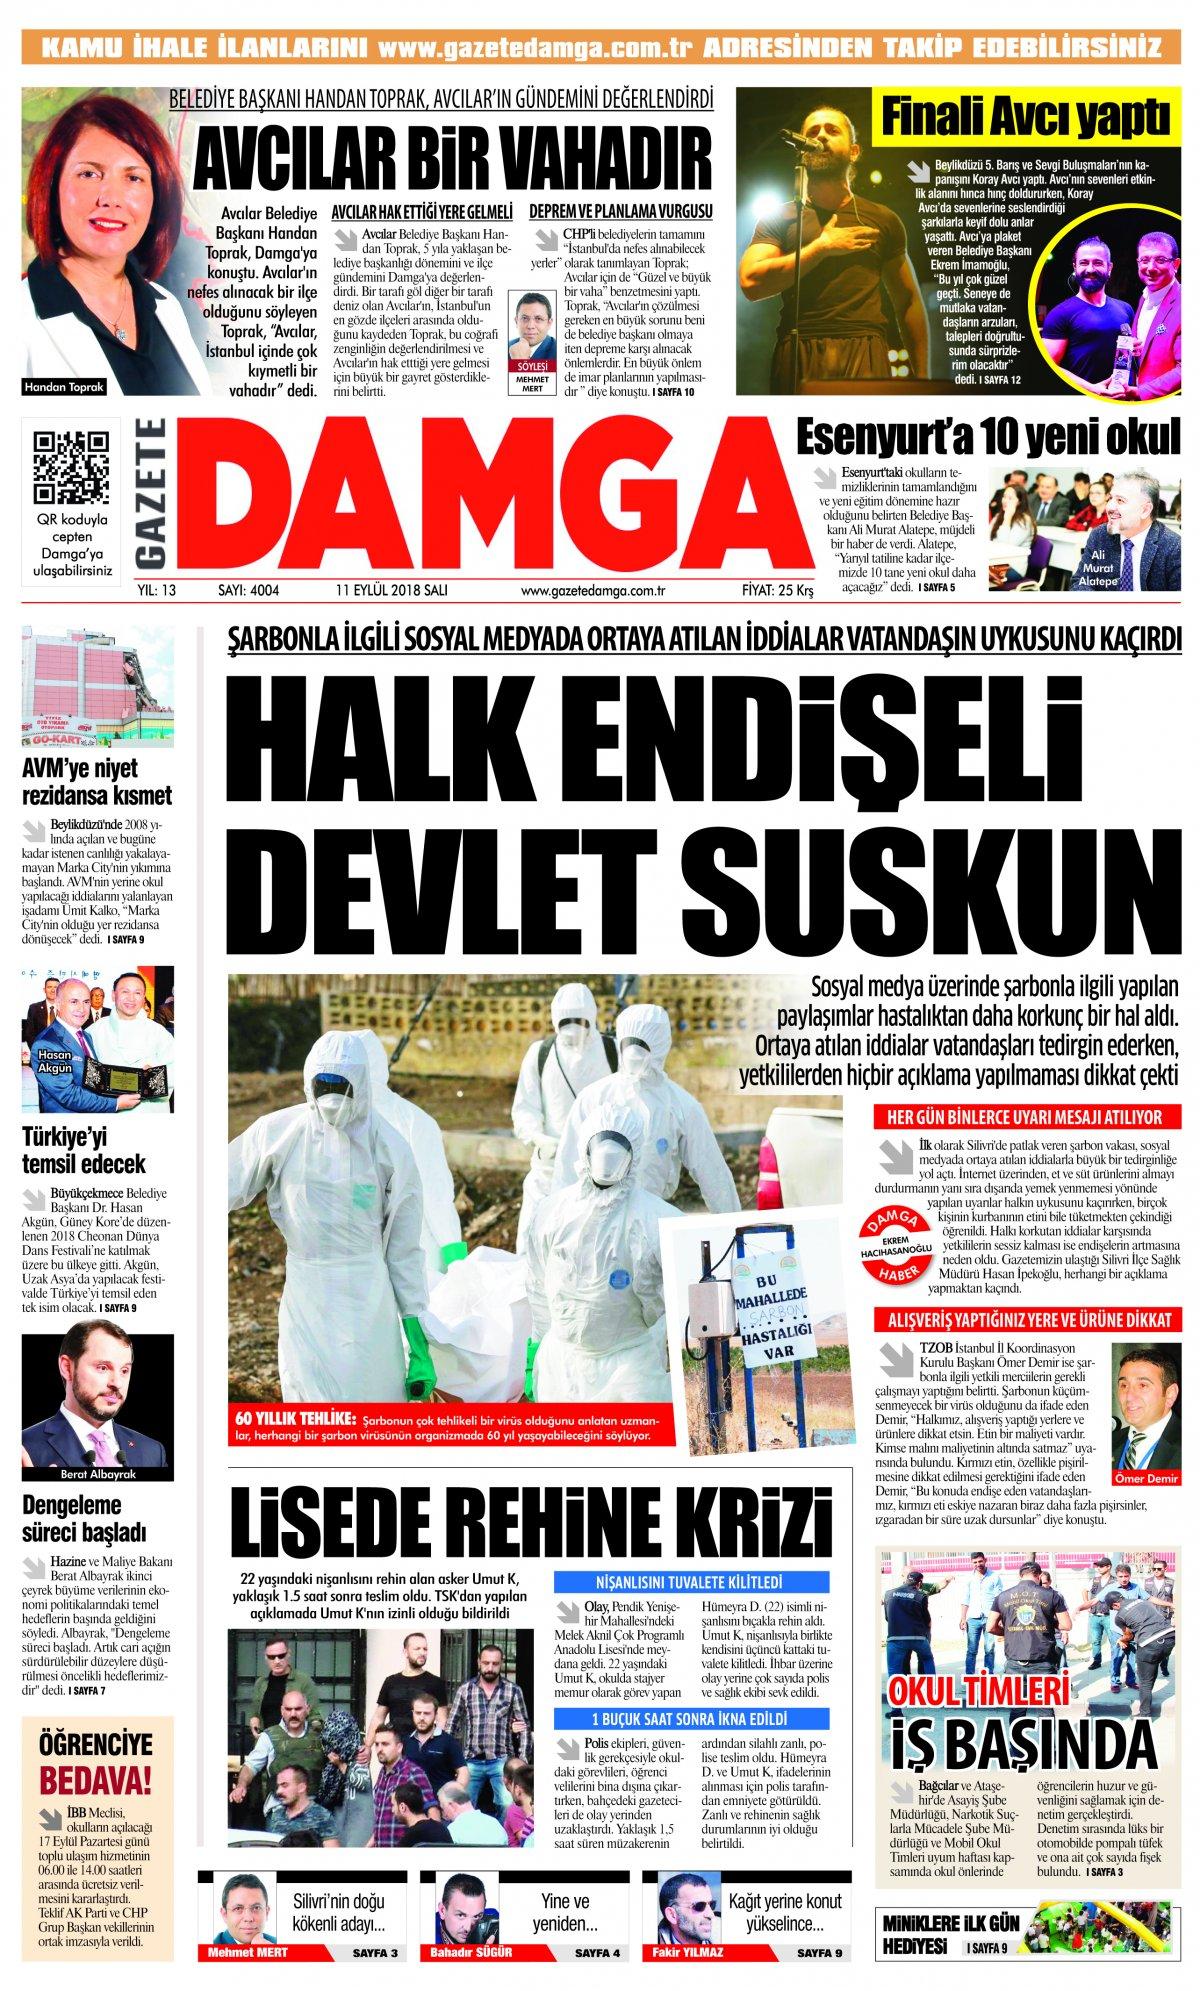 Gazete Damga - 11.09.2018 Manşeti